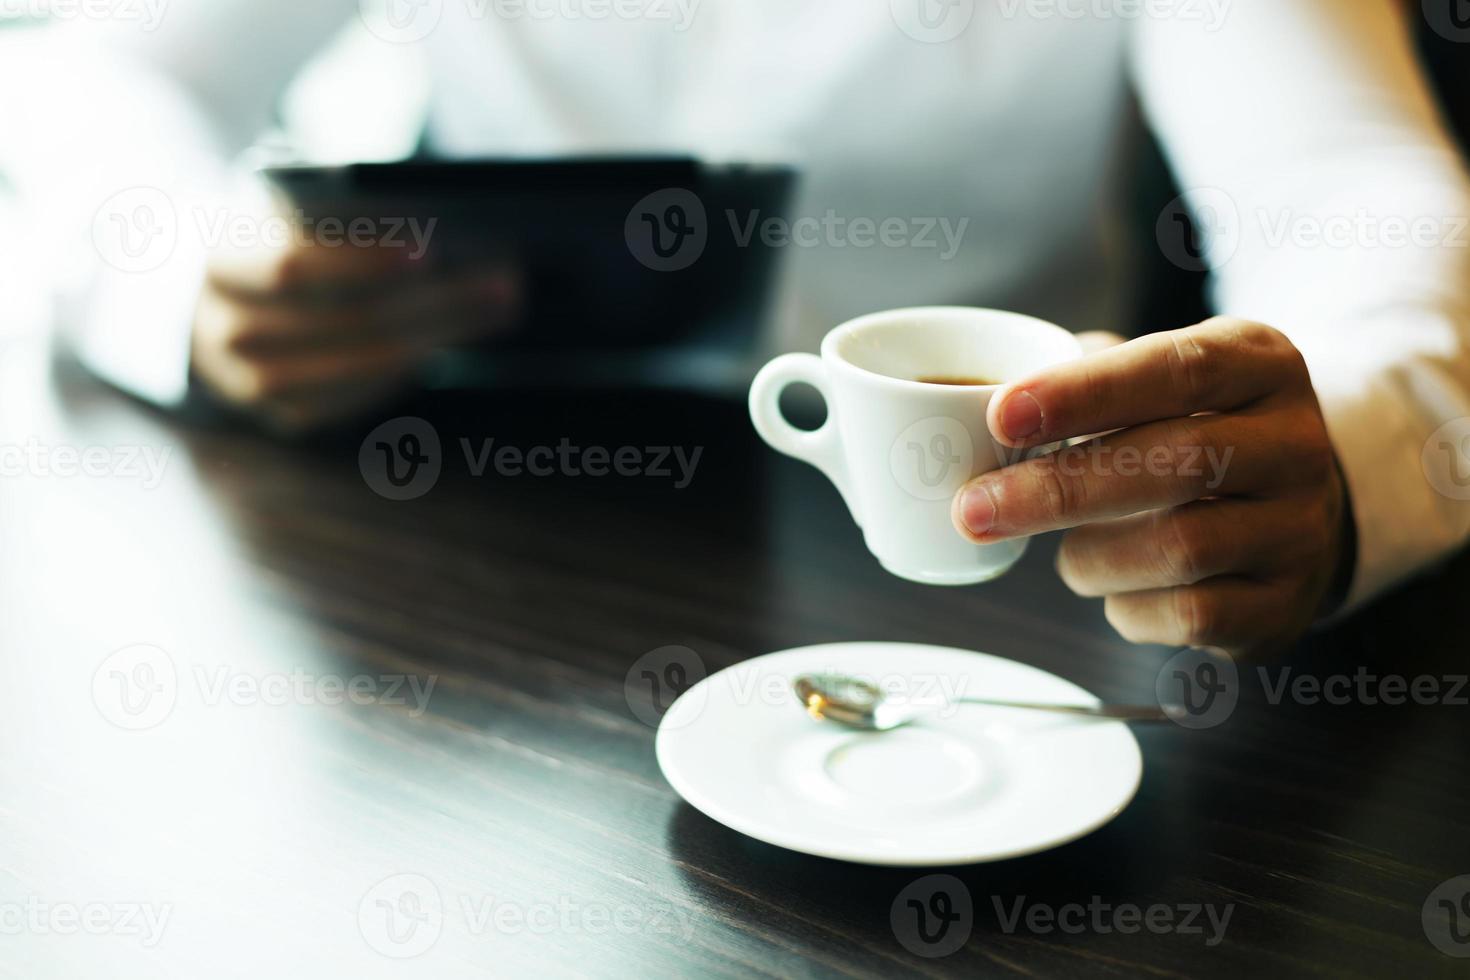 kopp kaffe i handen. suddig surfplatta foto